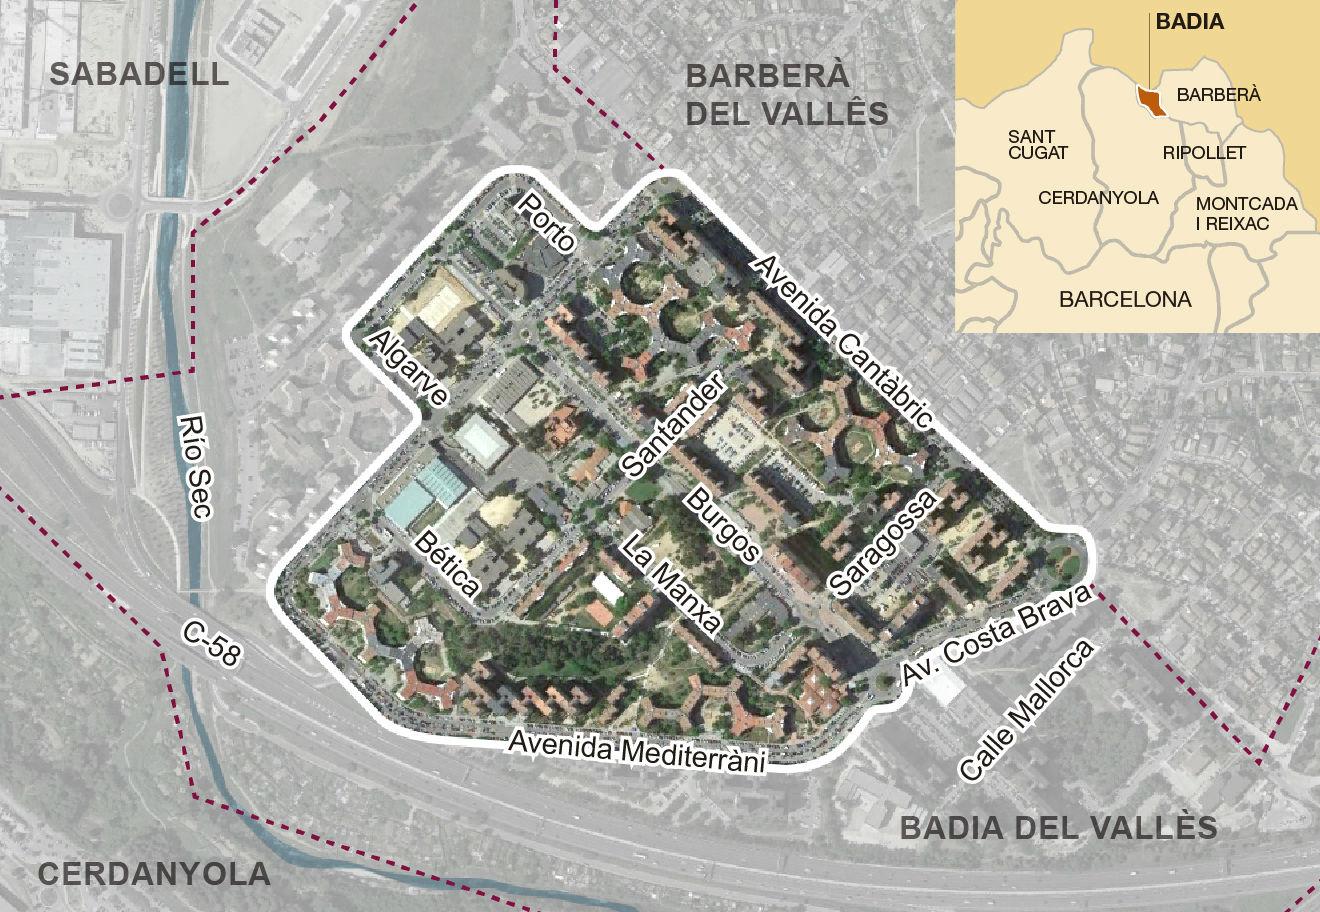 El PSC empieza su campaña en la ciudad hecha con el mapa de España